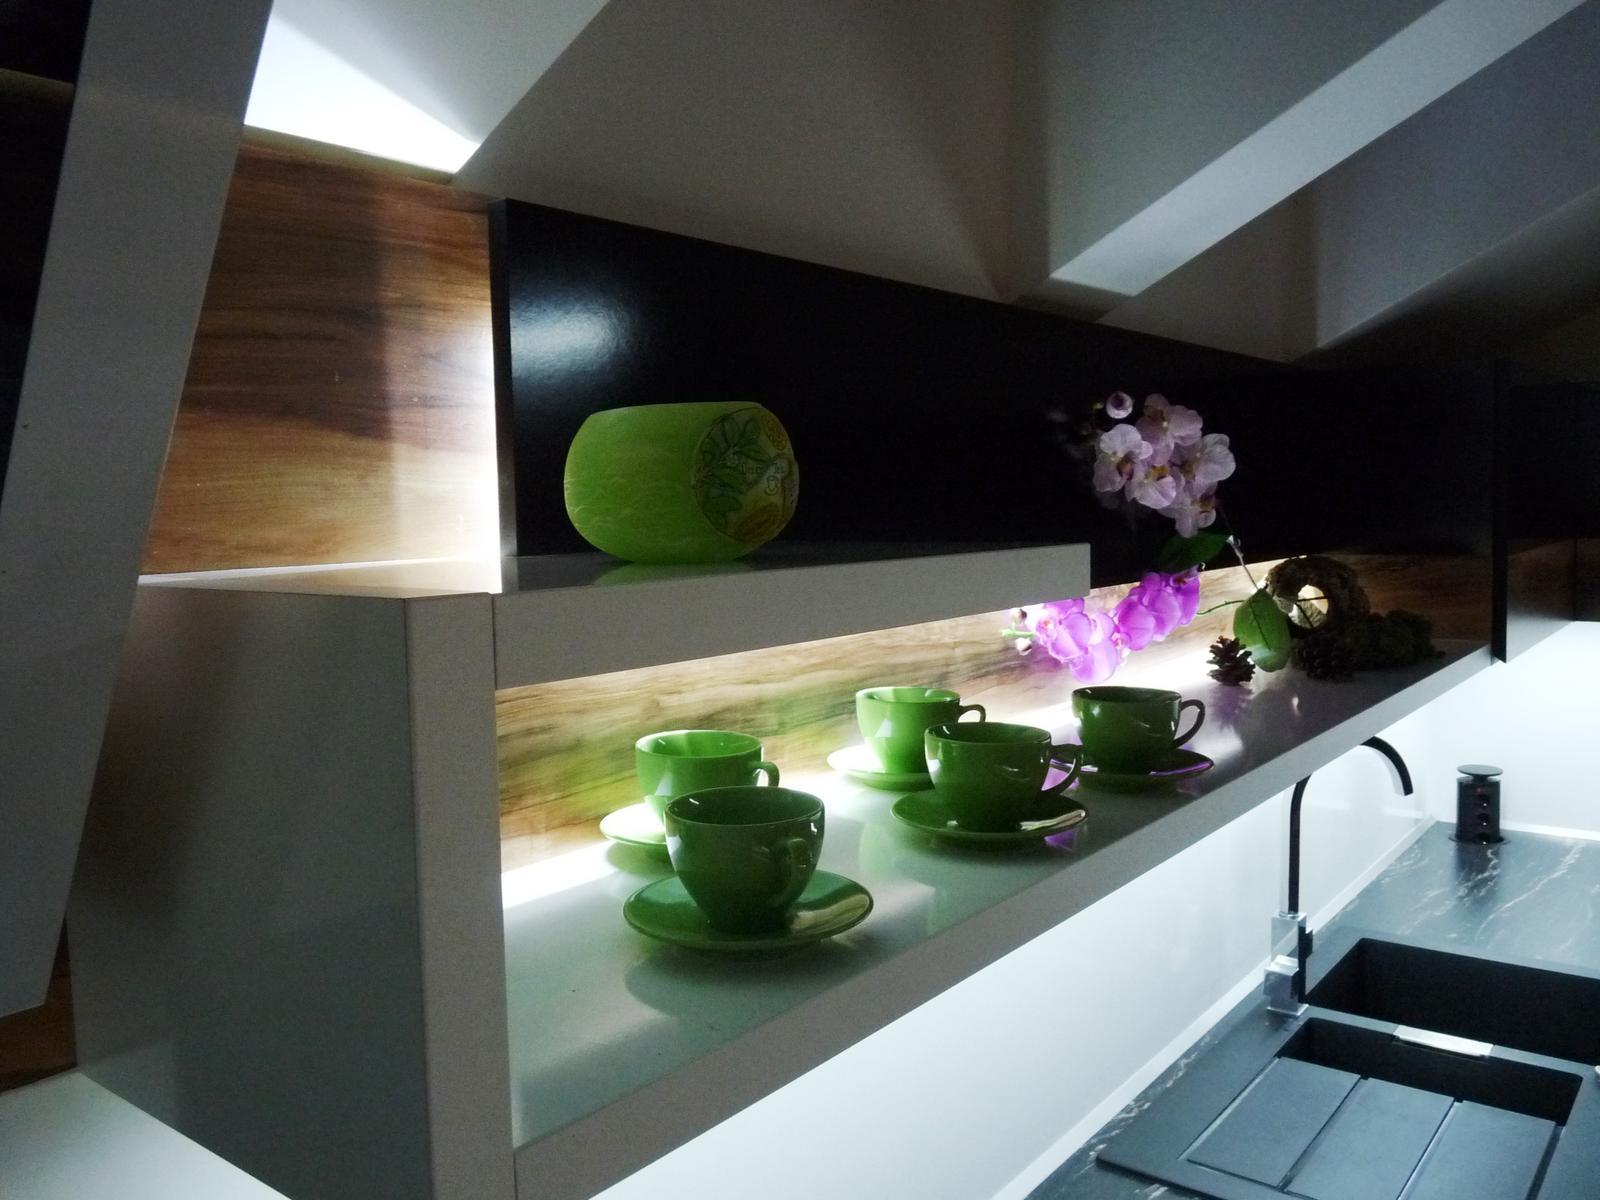 Kuchyňské linky....realizace - I drobný designový prvek může spolu se světelným prvkem obzvláštnit linku